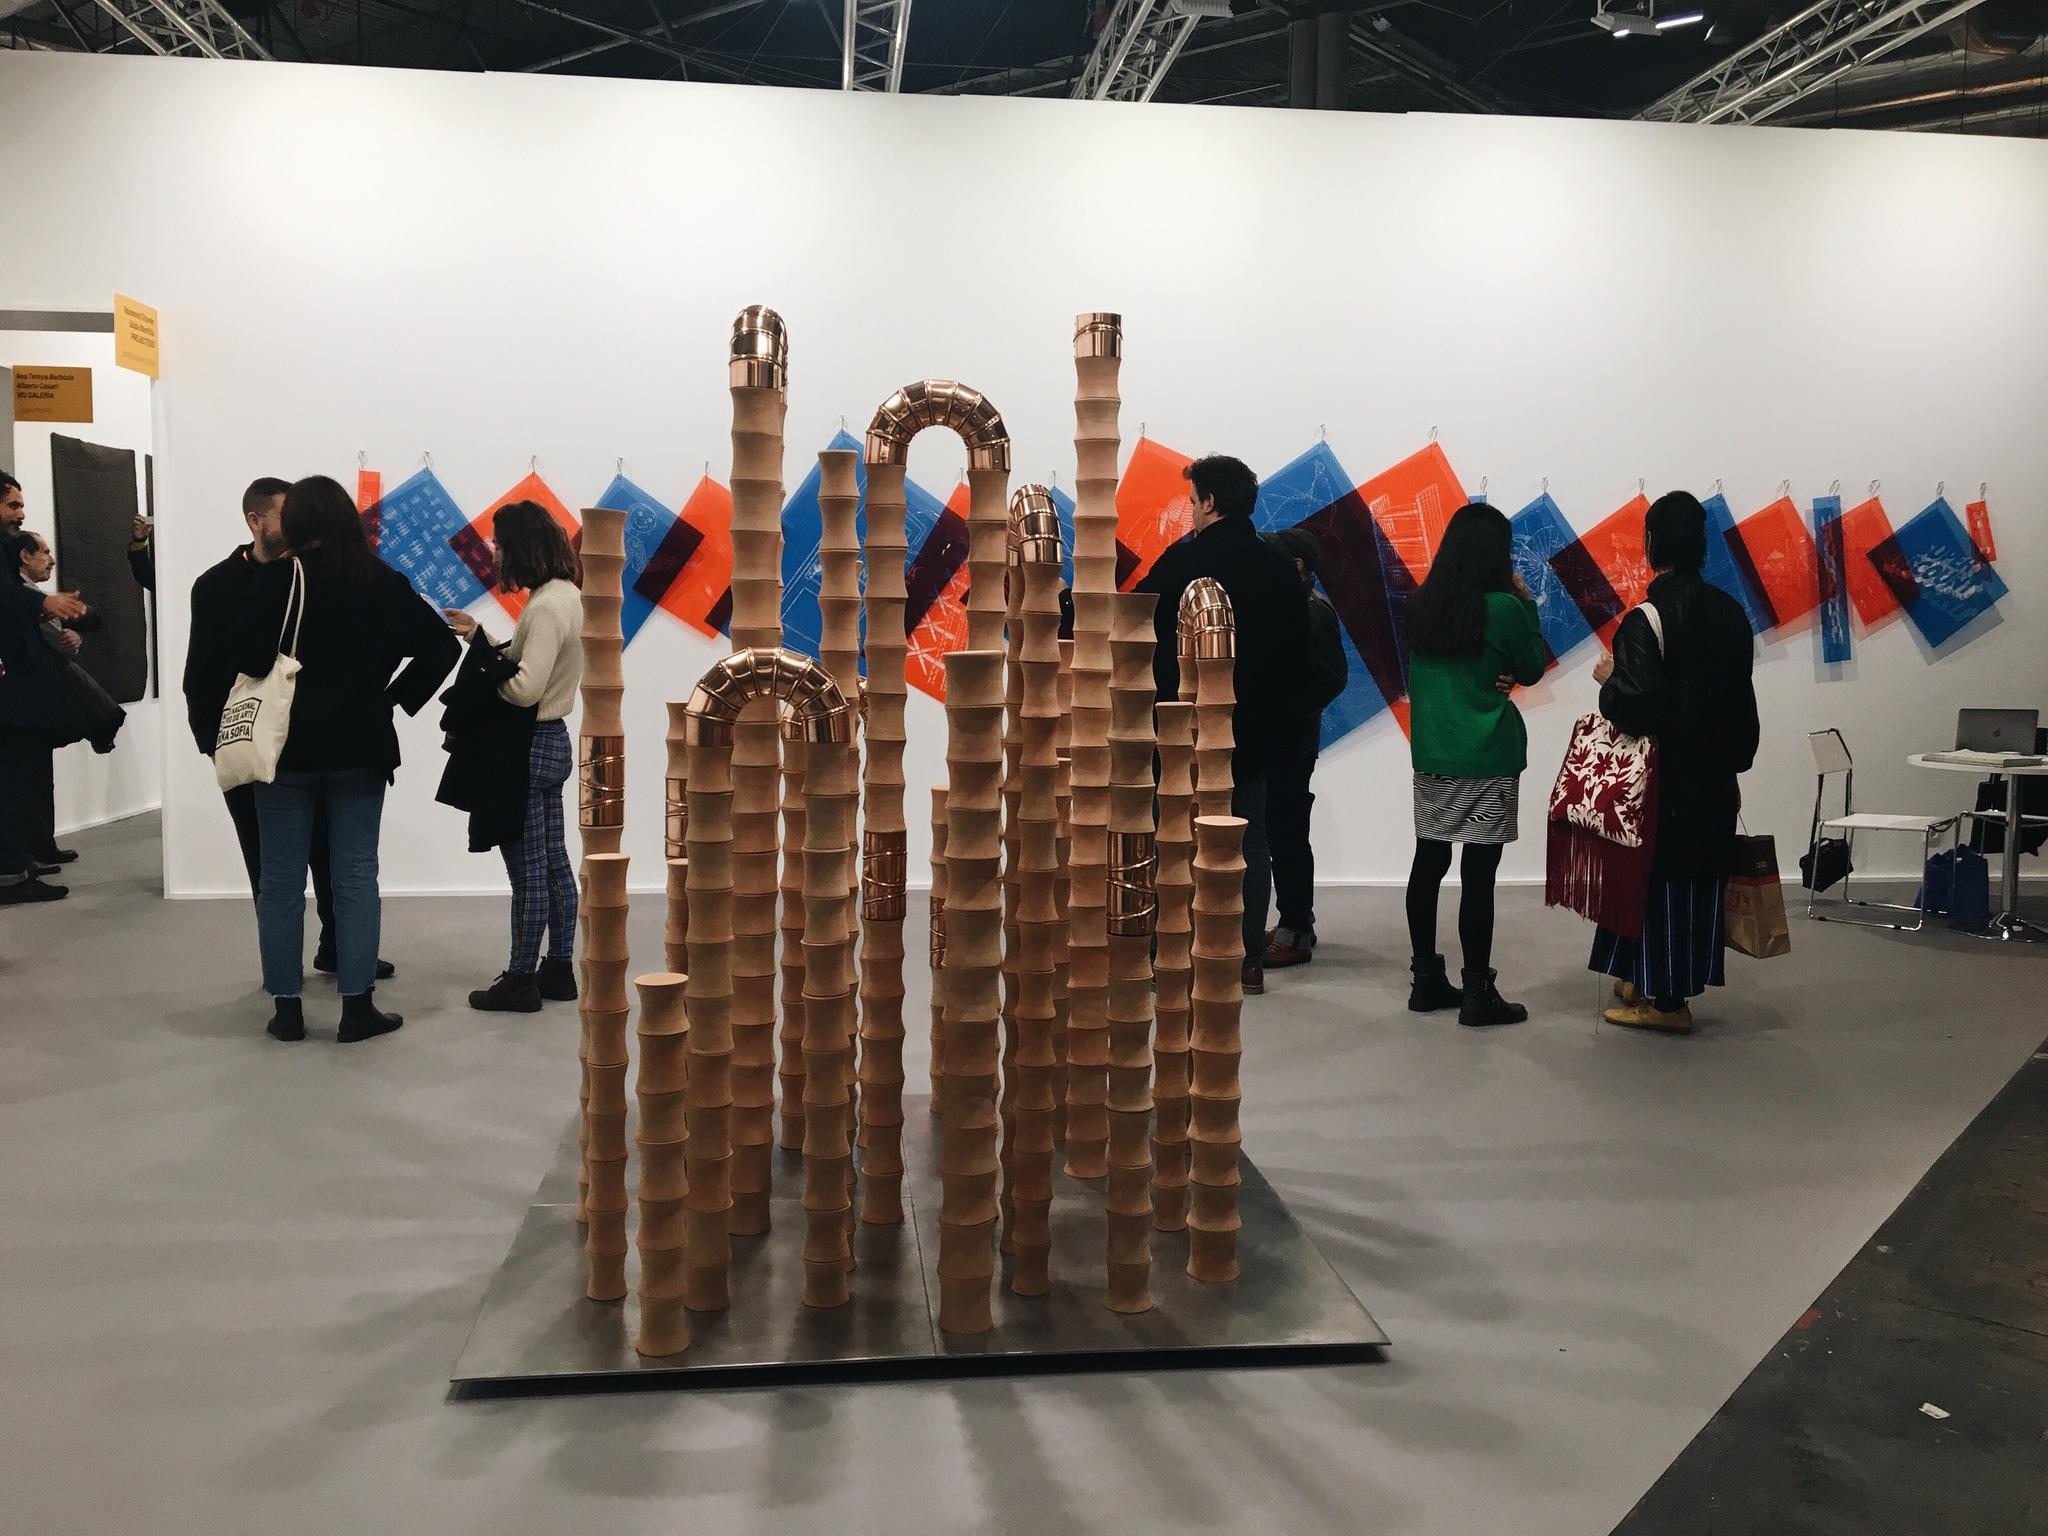 La obra de la artista peruana Ximena Garrido-Lecca se expone en ARCO...